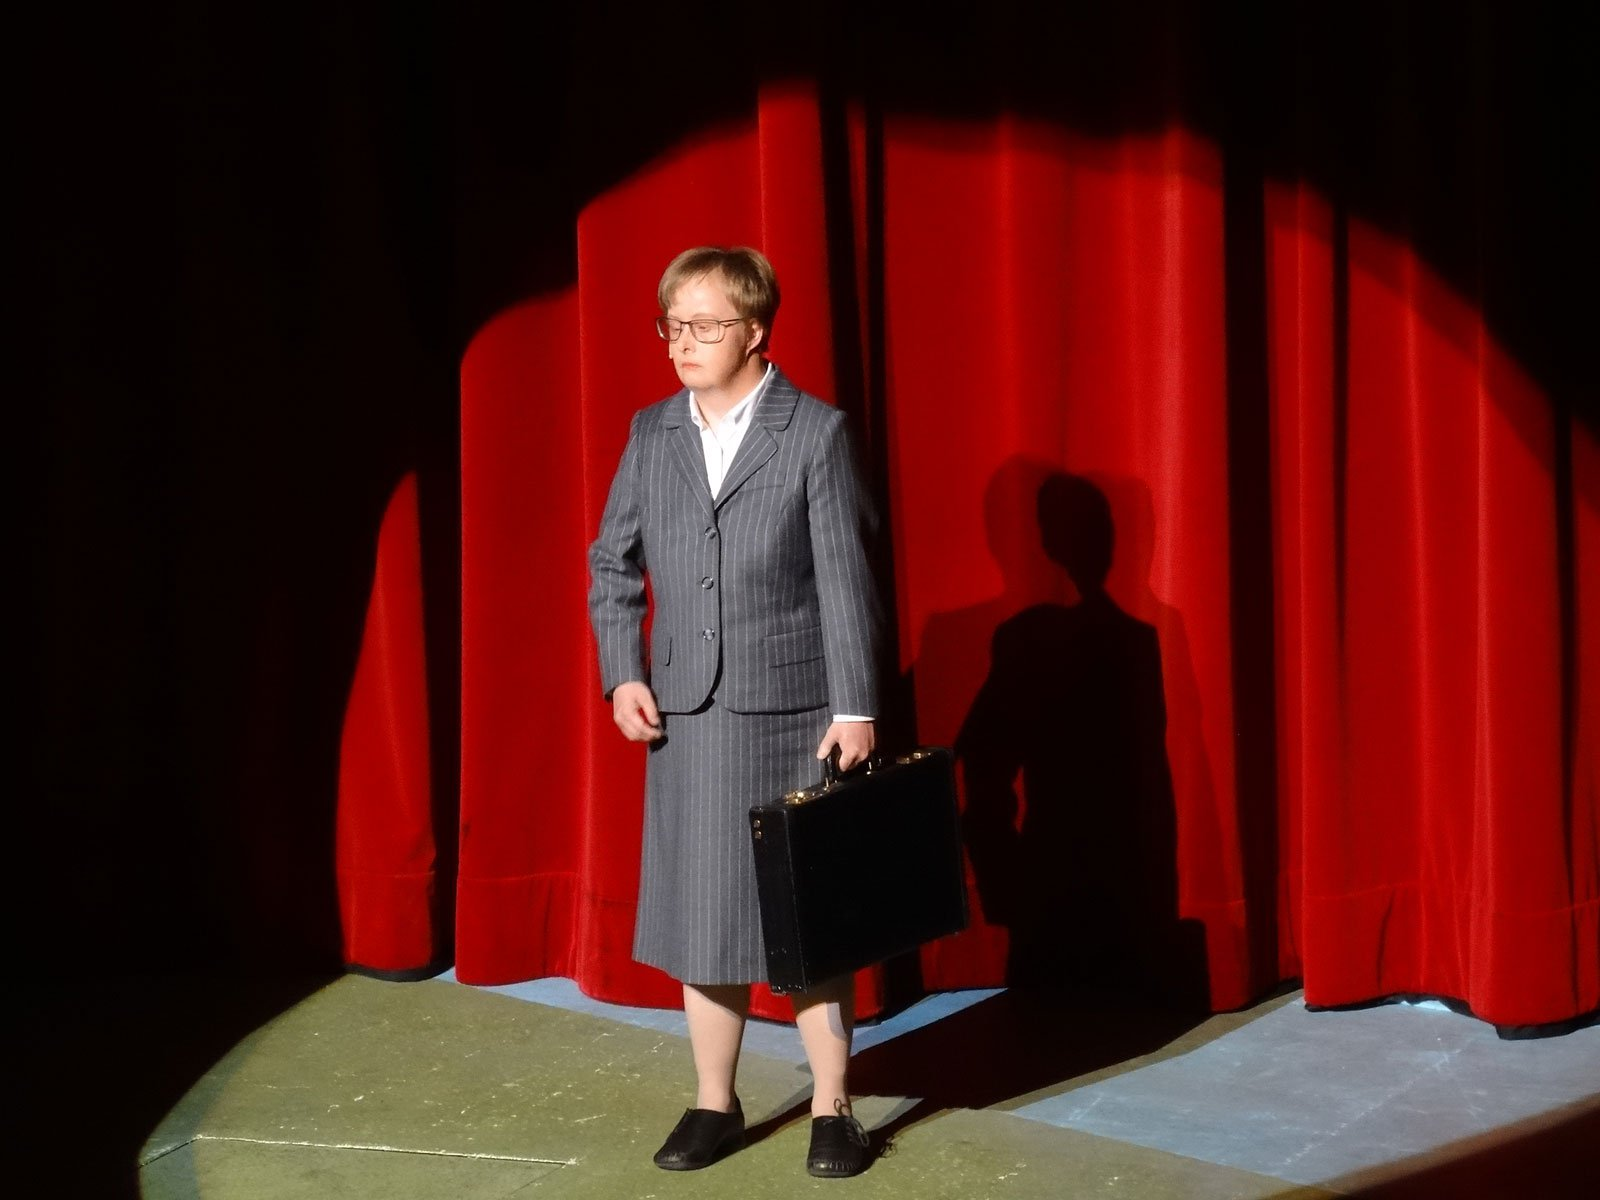 Sonja Hoffmann als Darstellerin im Stück Pension Schöller am Schauspielhaus Nürnberg.